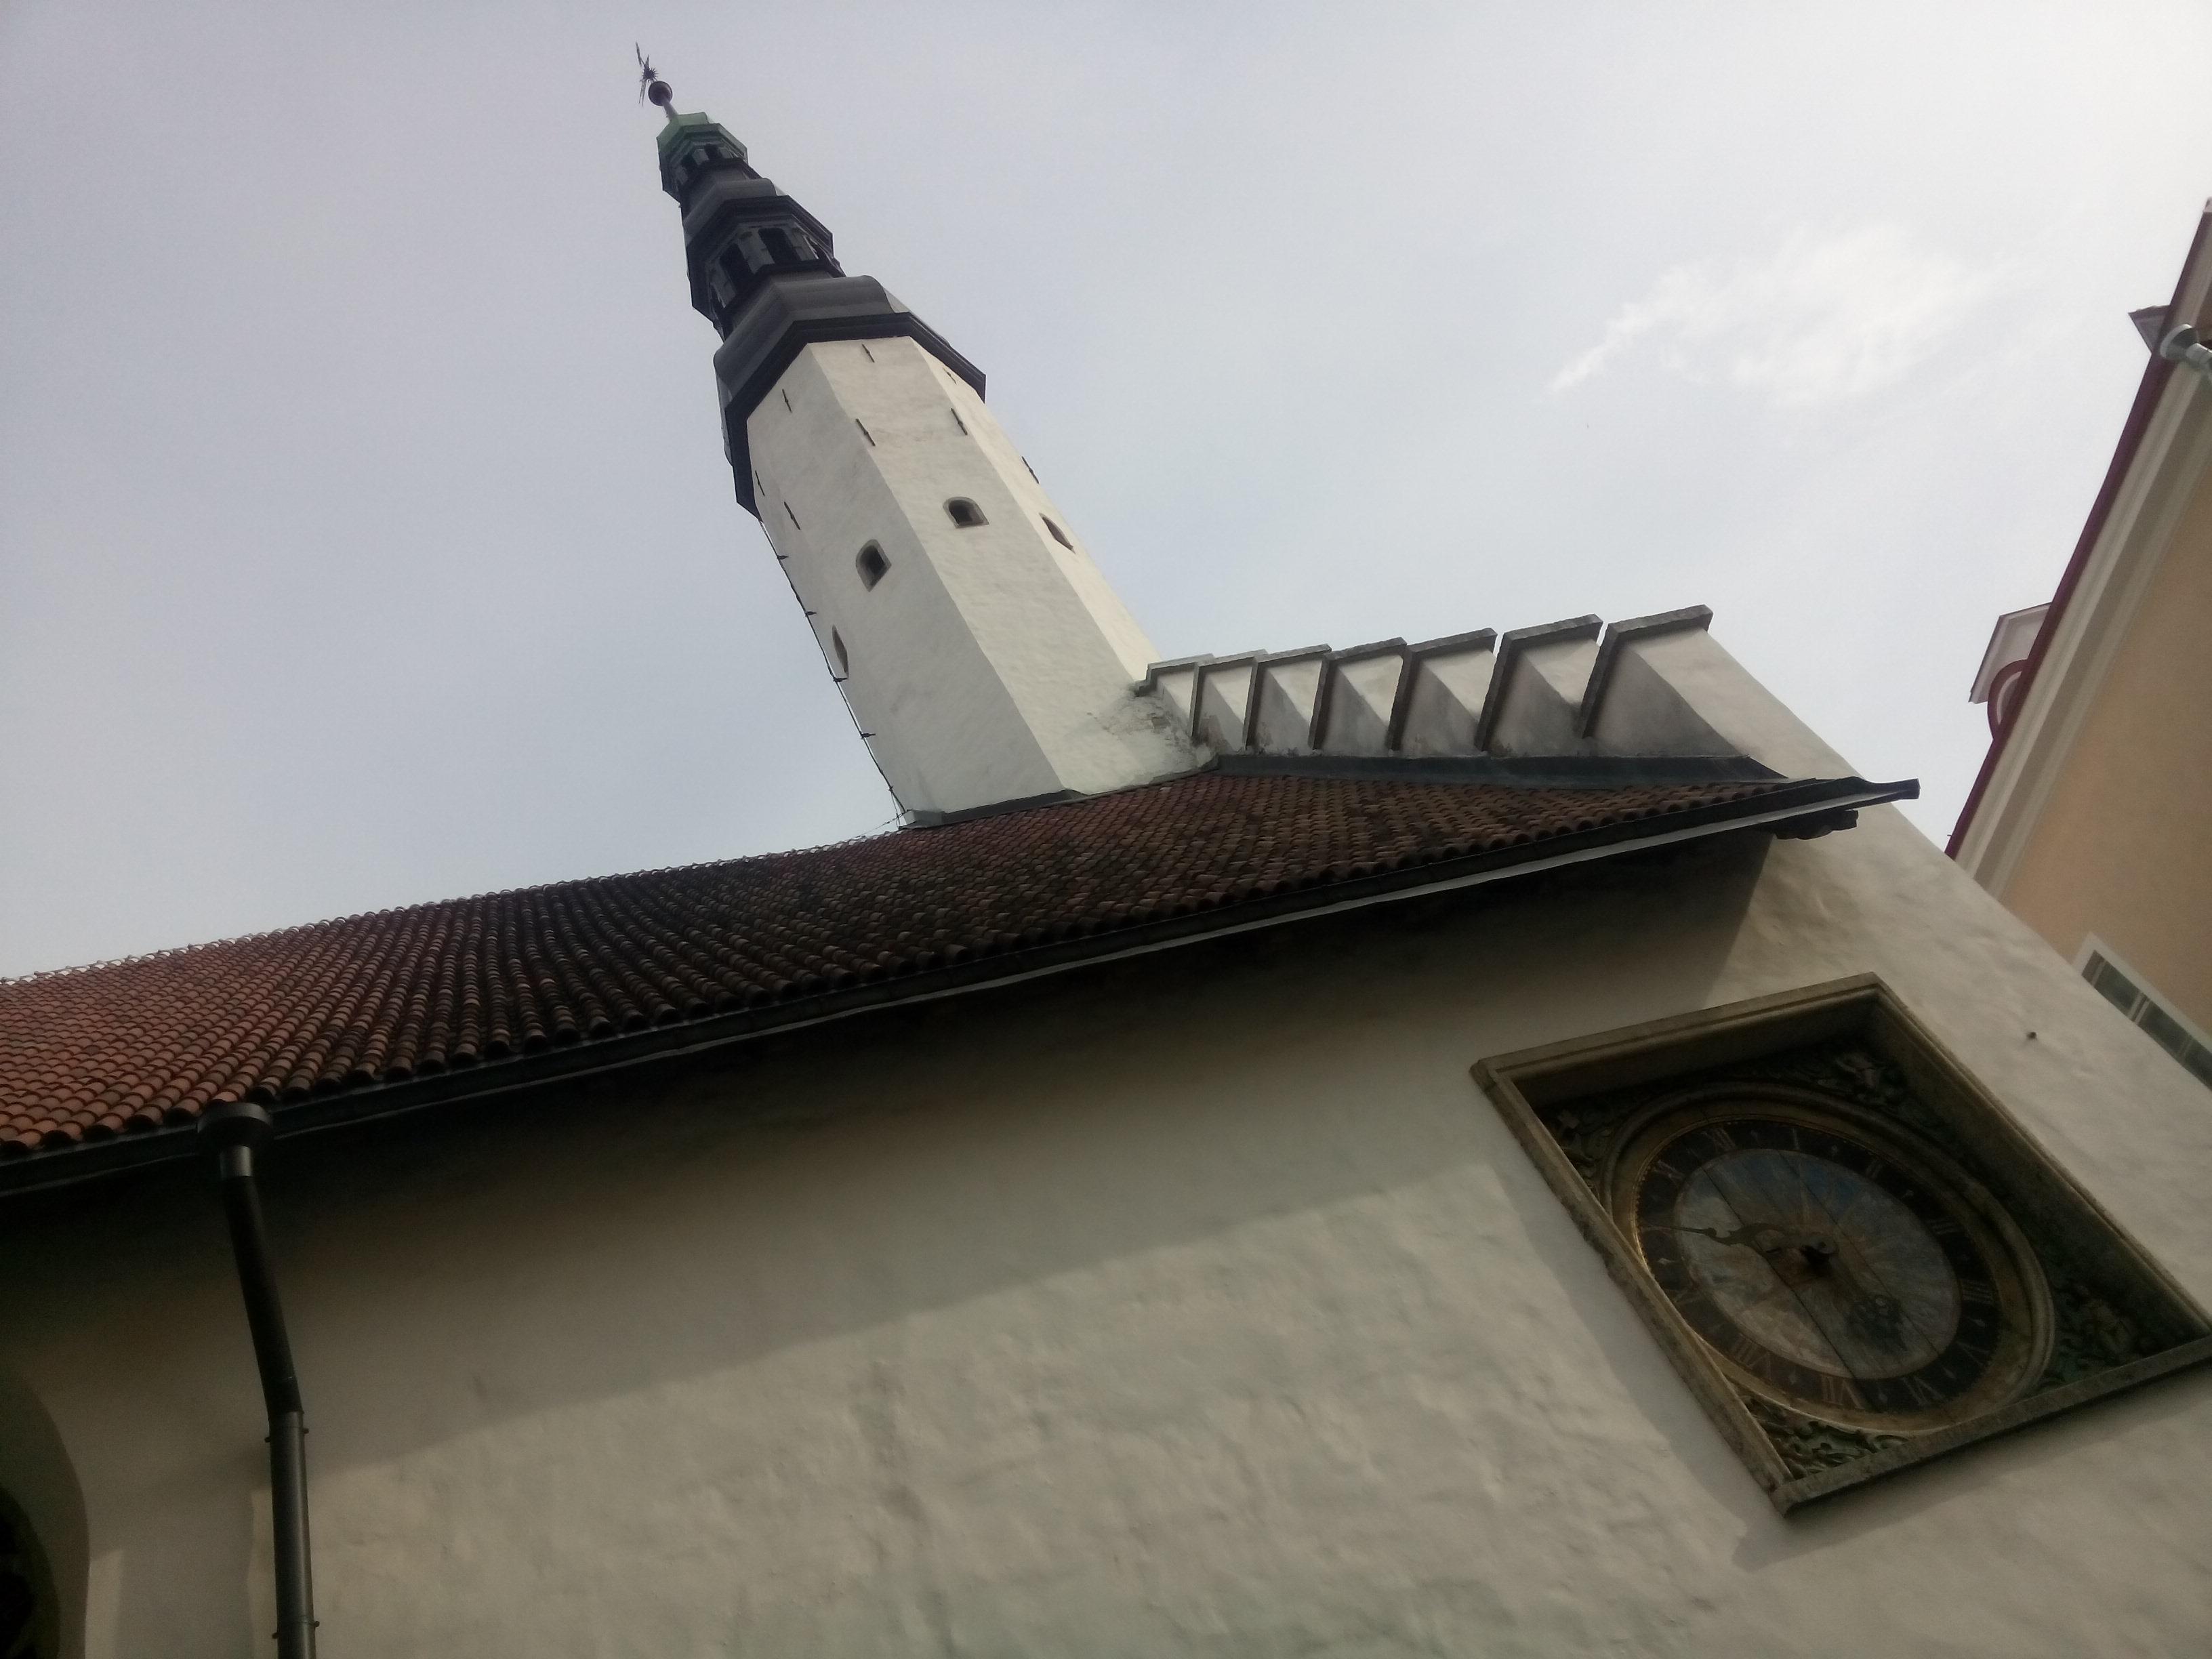 https://i.amy.gy/201808-estonia/IMG_20180809_175040.jpg